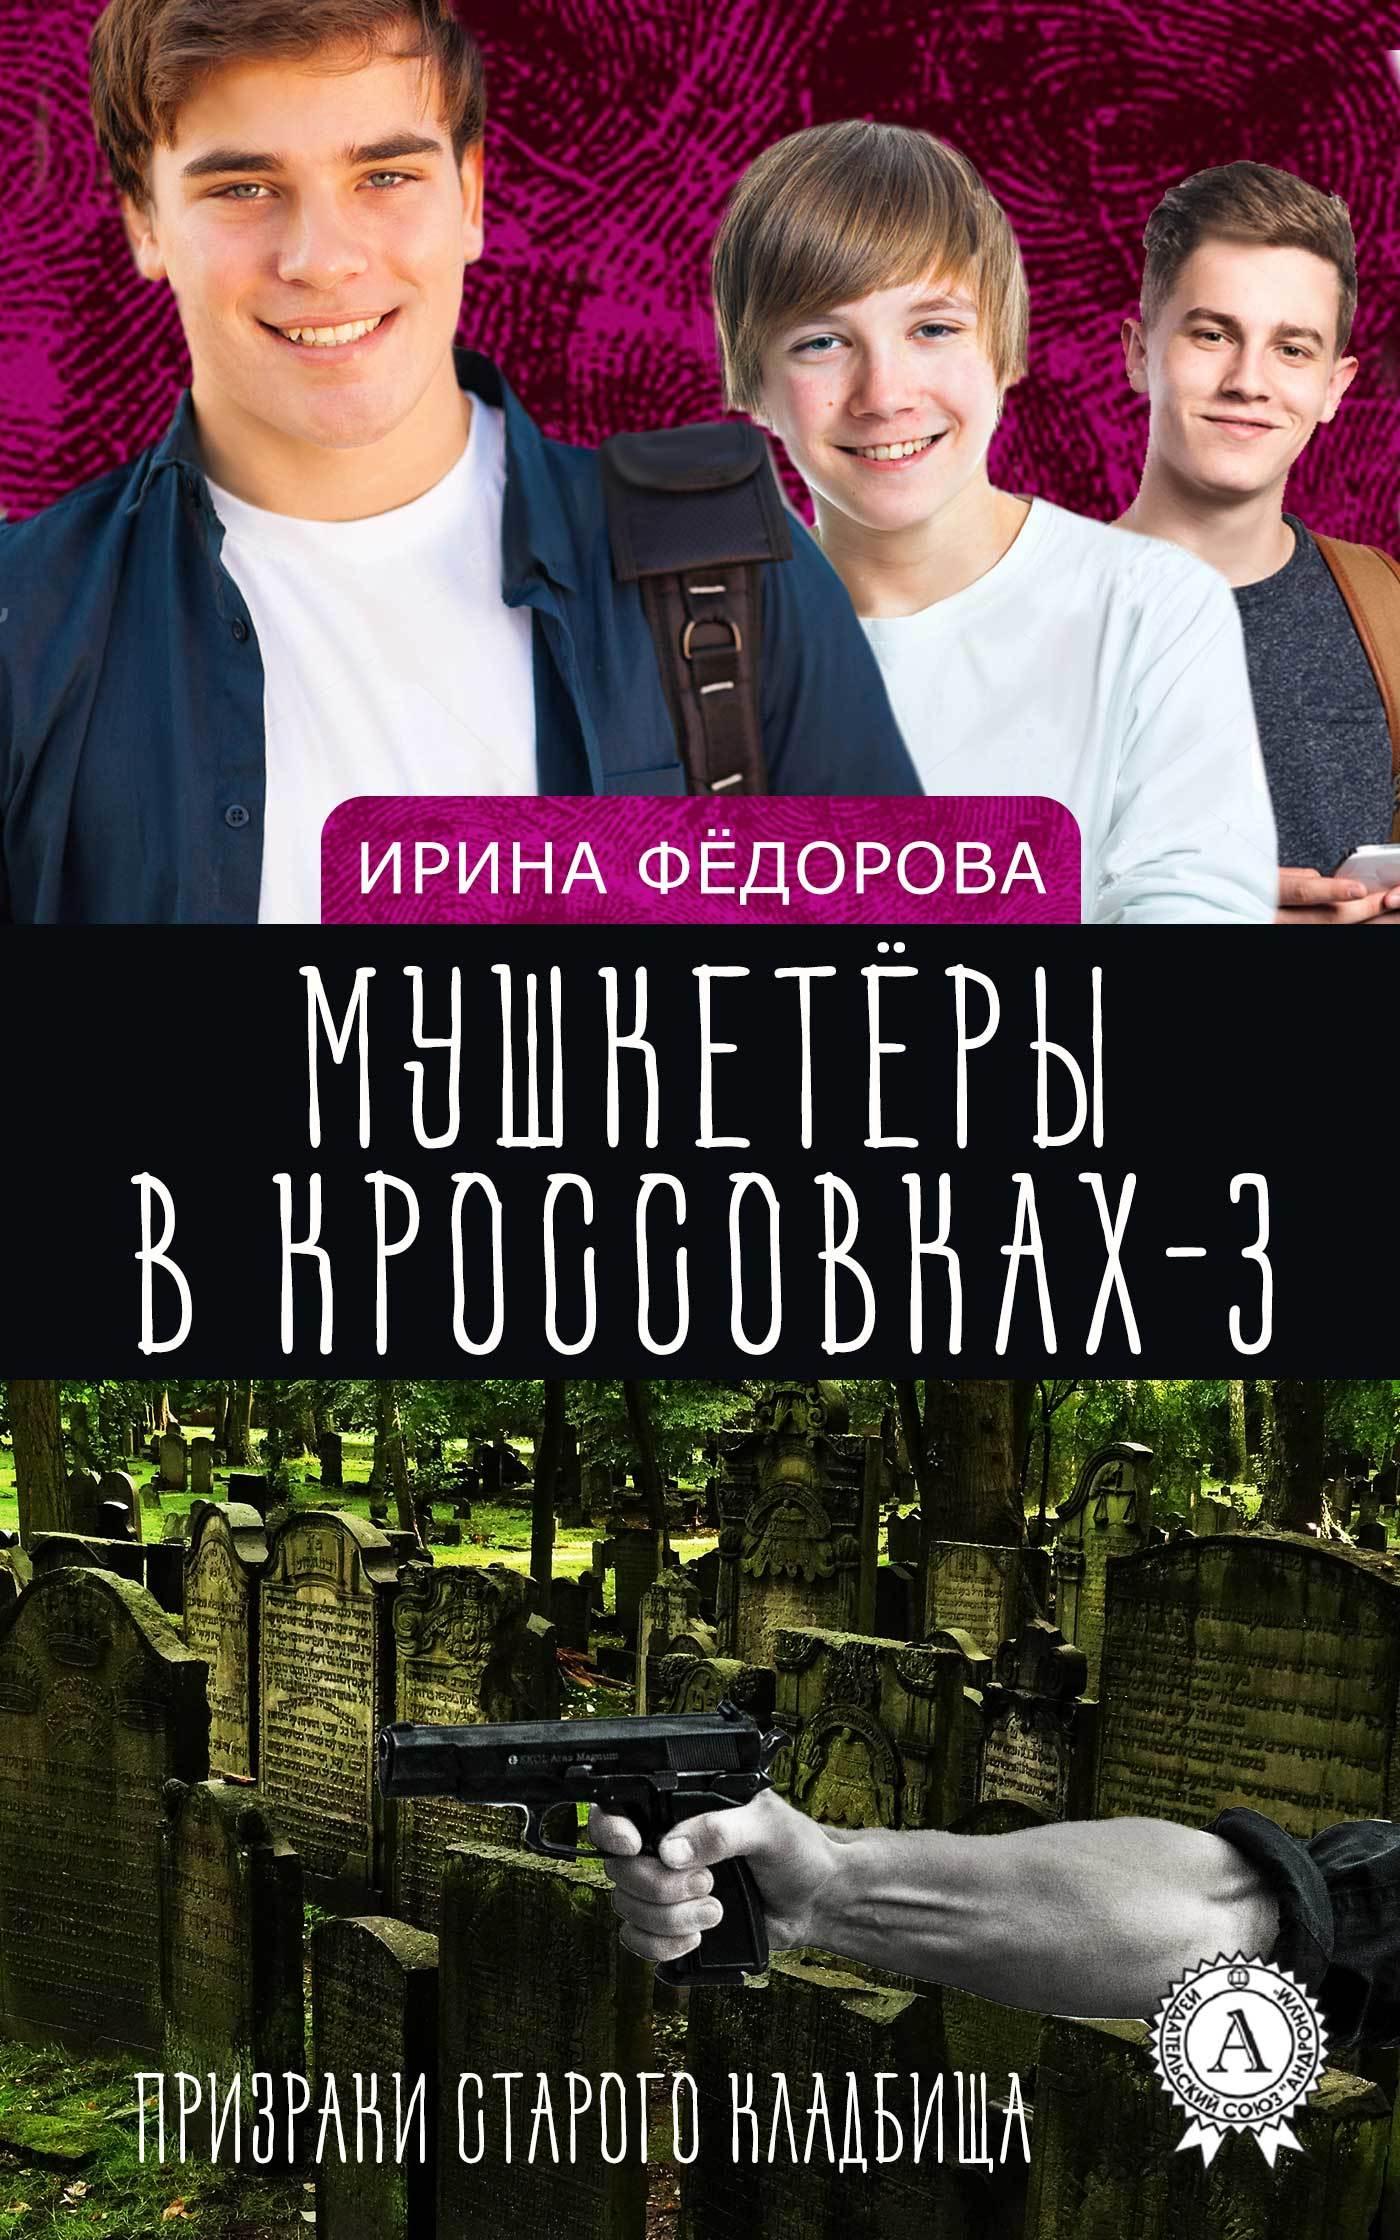 Ирина Фёдорова Призраки старого кладбища